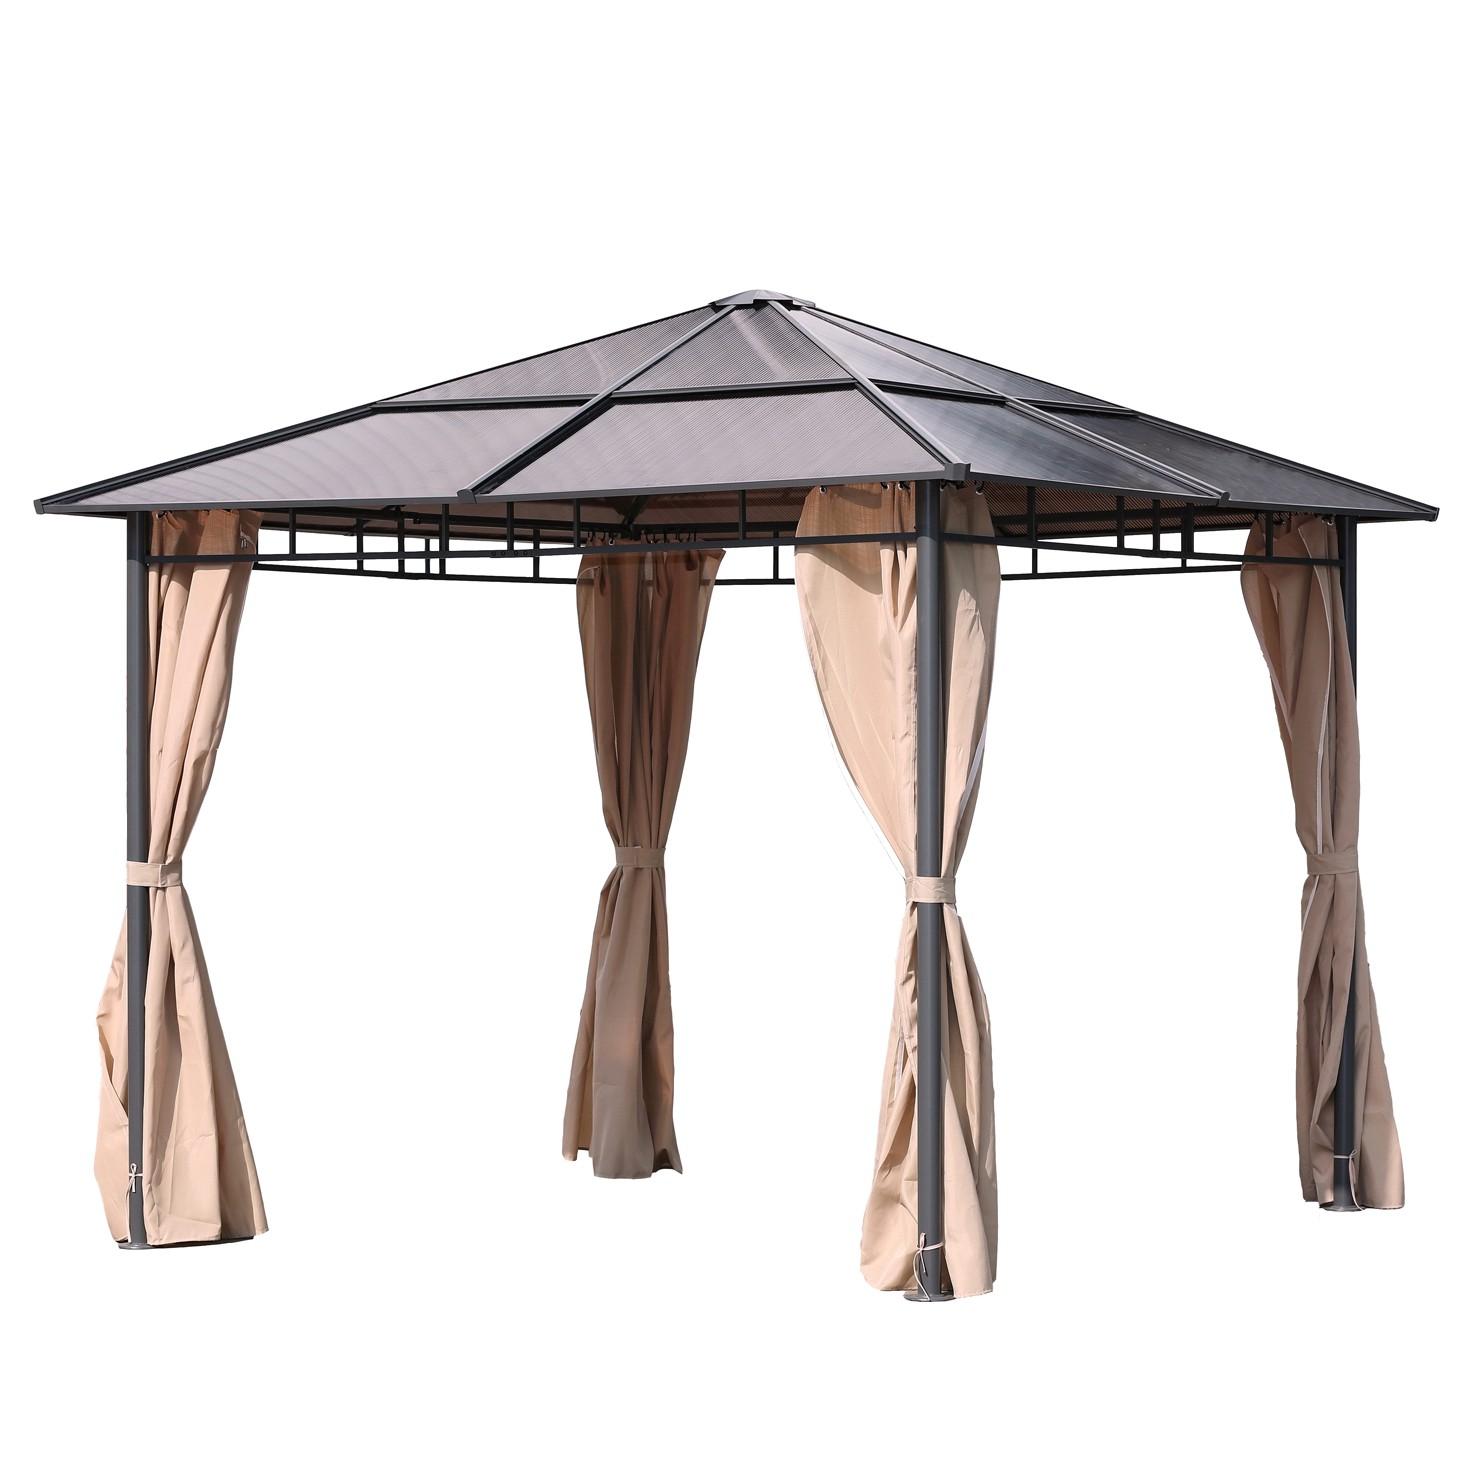 stahl pavillon 3x3 preisvergleich die besten angebote online kaufen. Black Bedroom Furniture Sets. Home Design Ideas